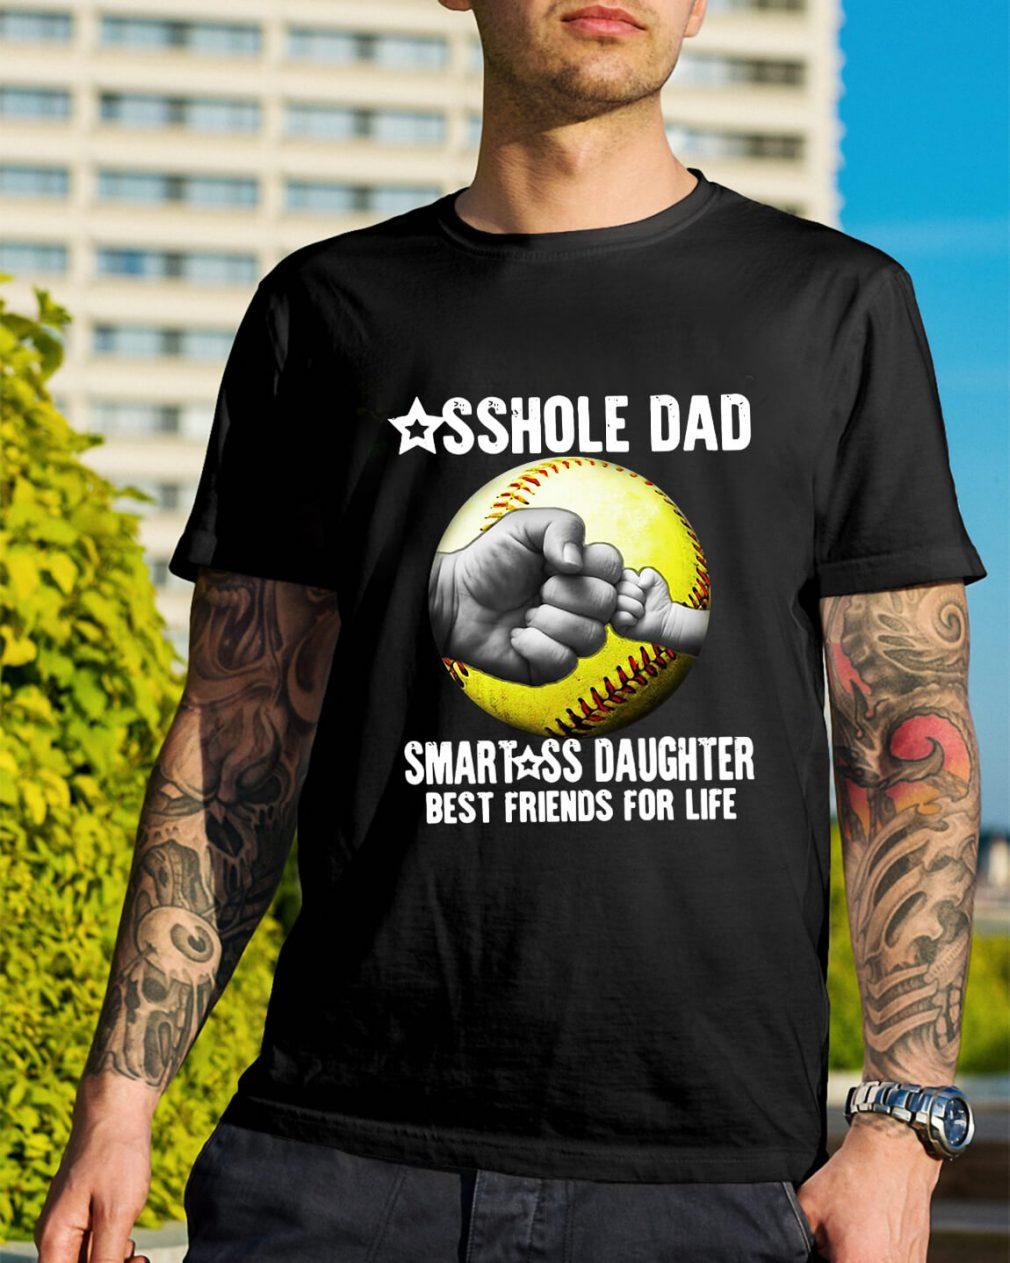 Asshole dad smartass daughter best friends for life shirt